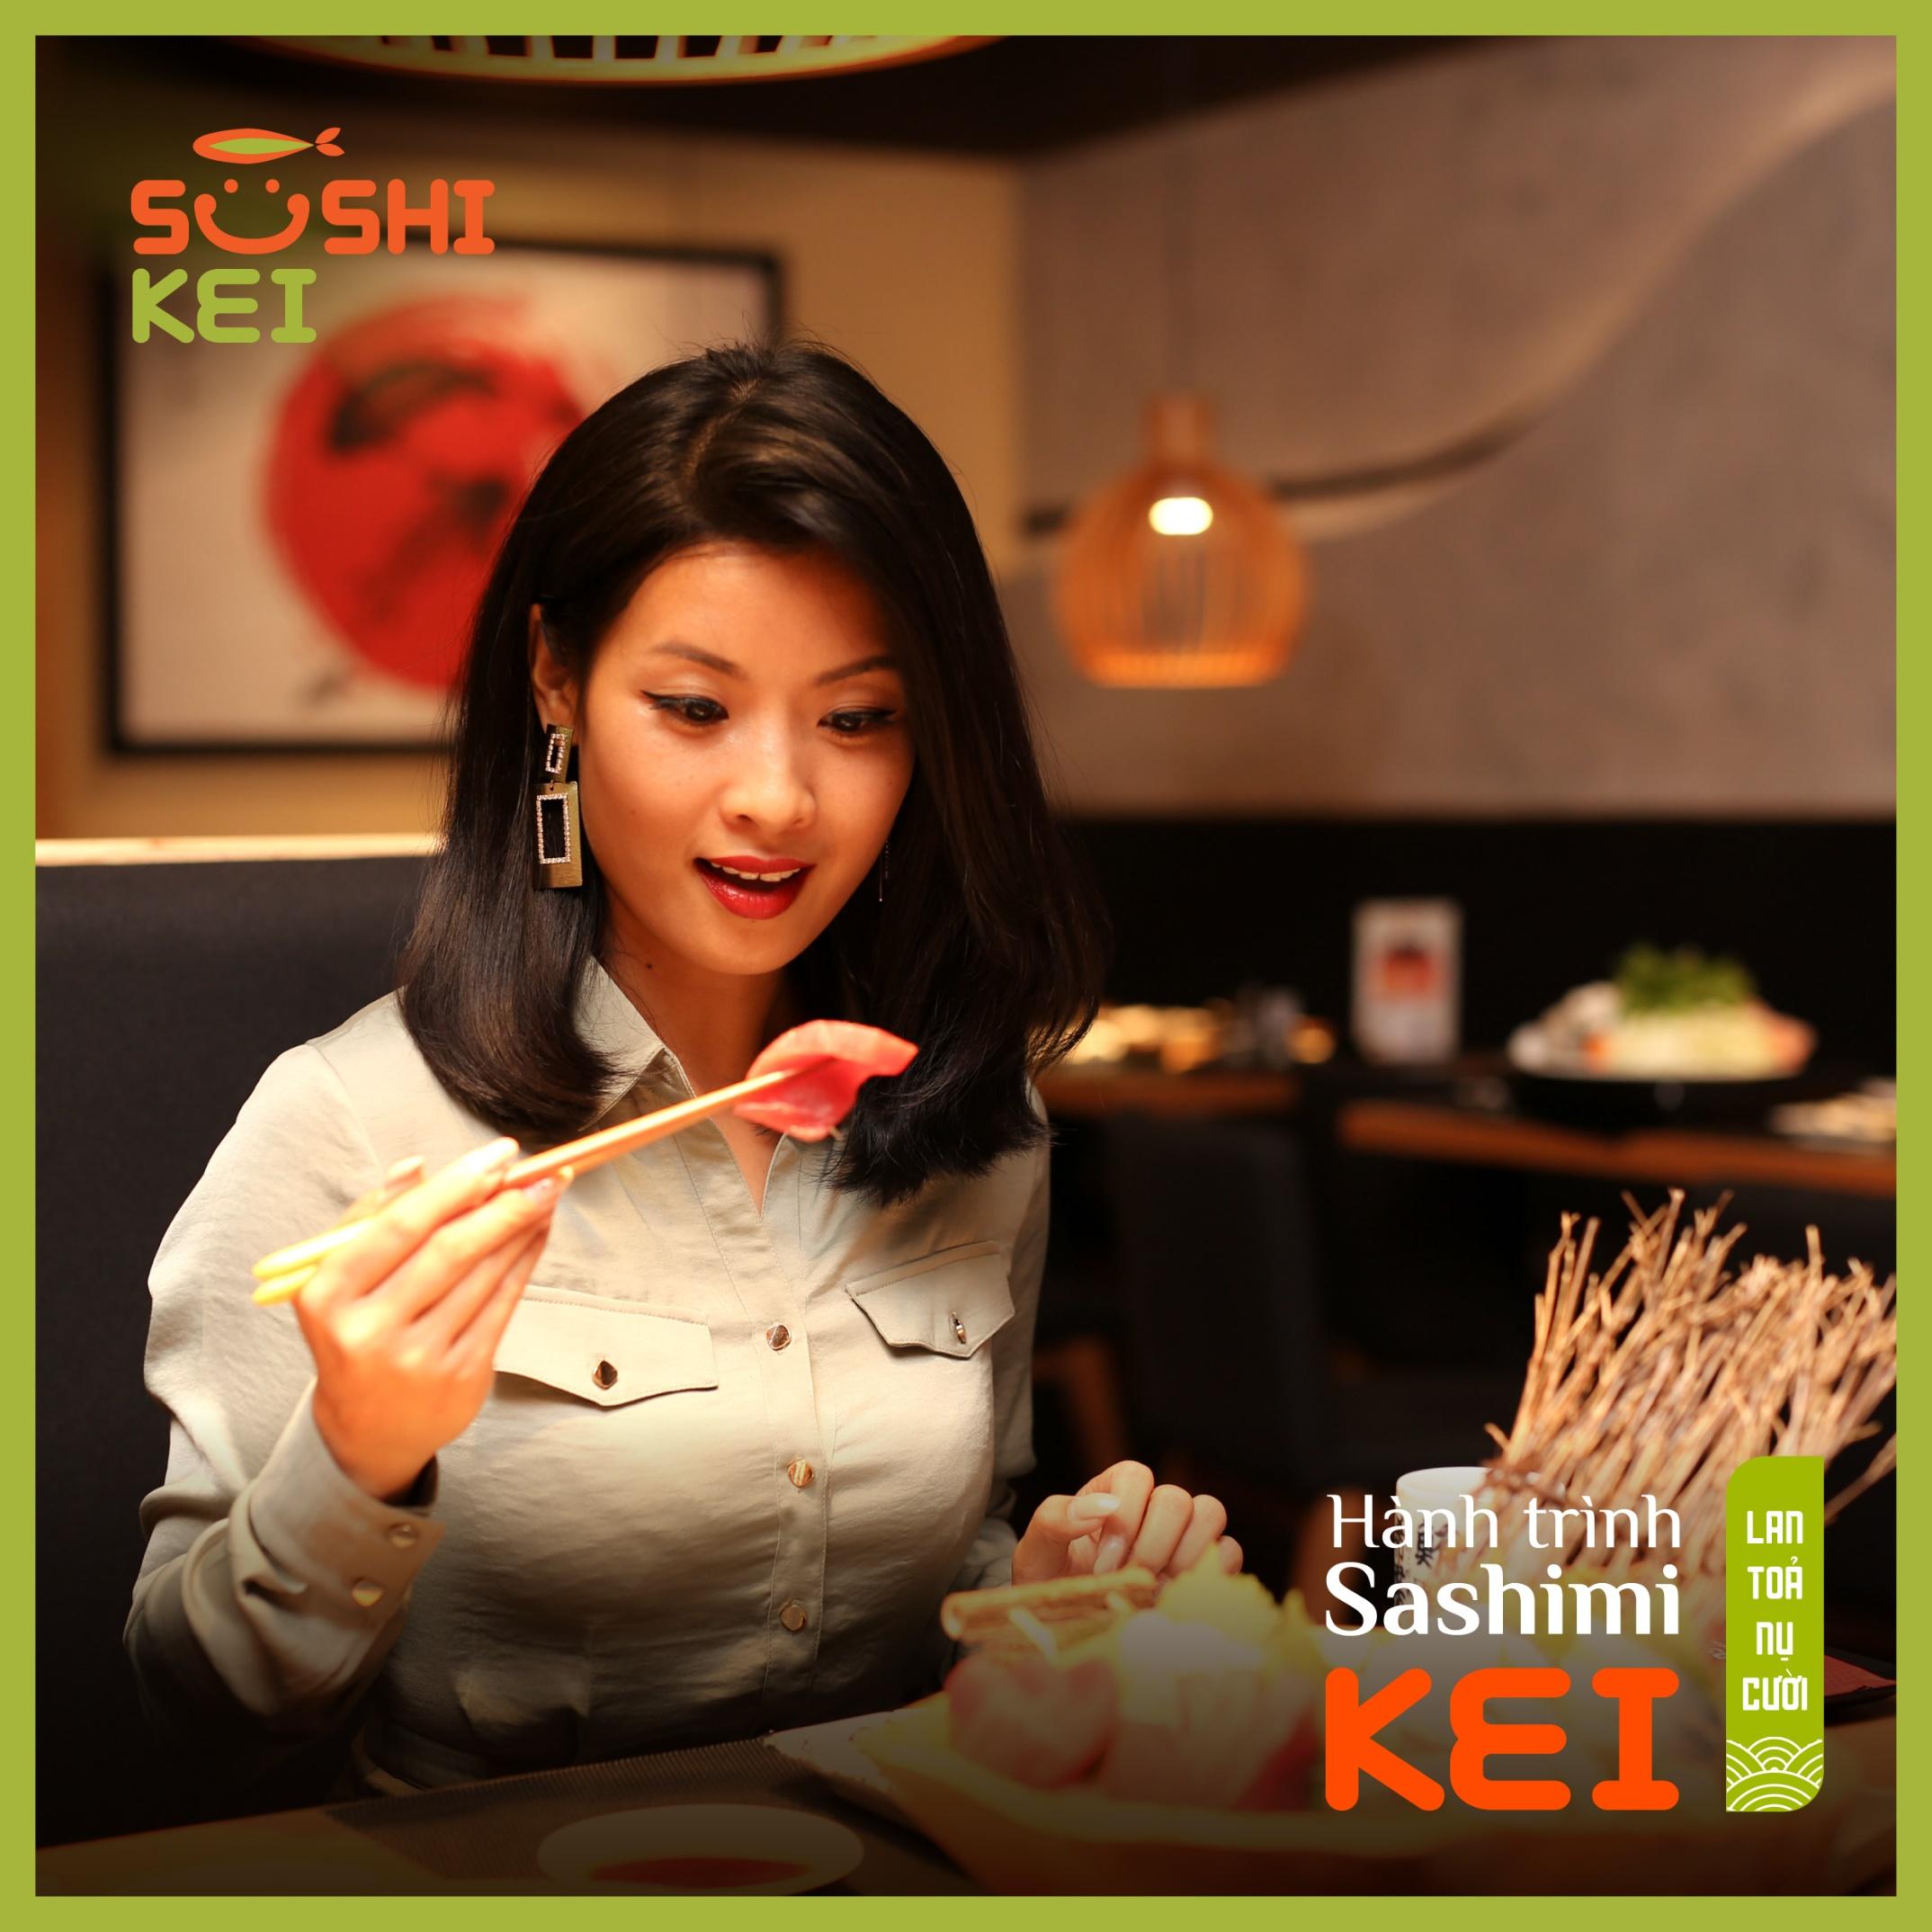 Kinh ngạc với cá ngừ khổng lồ 80kg cùng màn trình diễn chế biến chuyên nghiệp ngay tại nhà hàng Nhật - Sushi Kei - Ảnh 7.